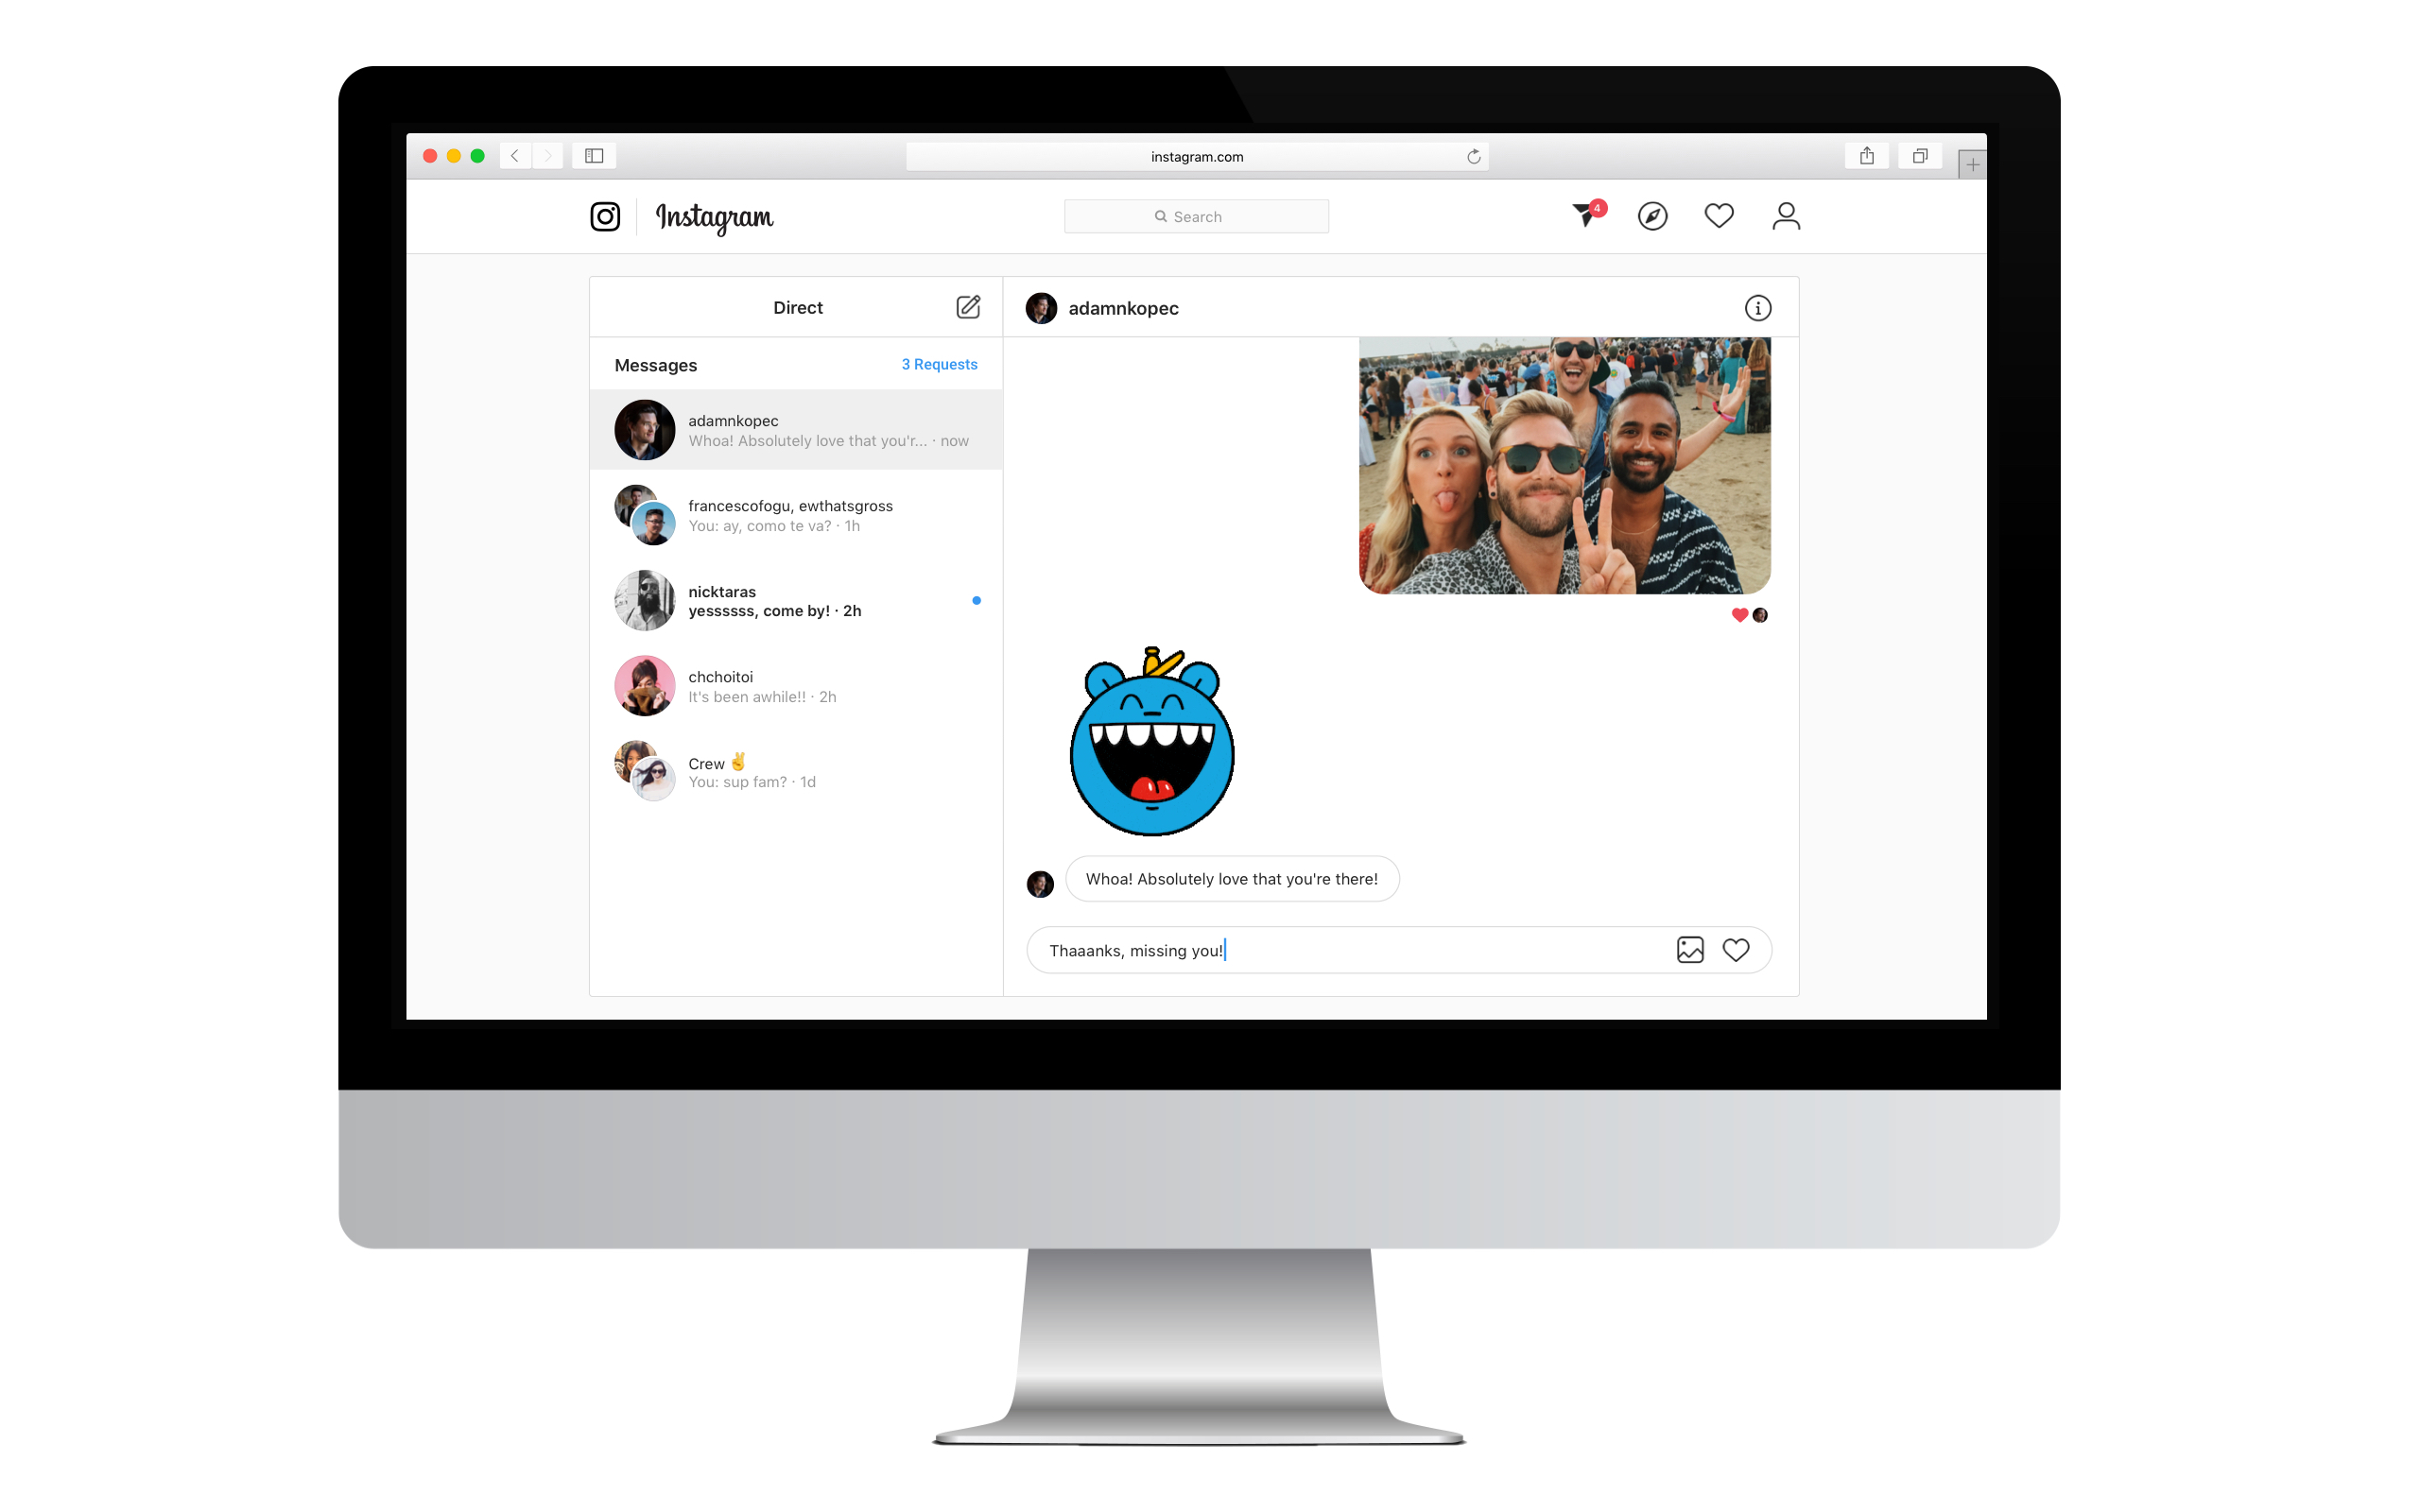 نمایش دایرکت برای نسخه وب اینستاگرام